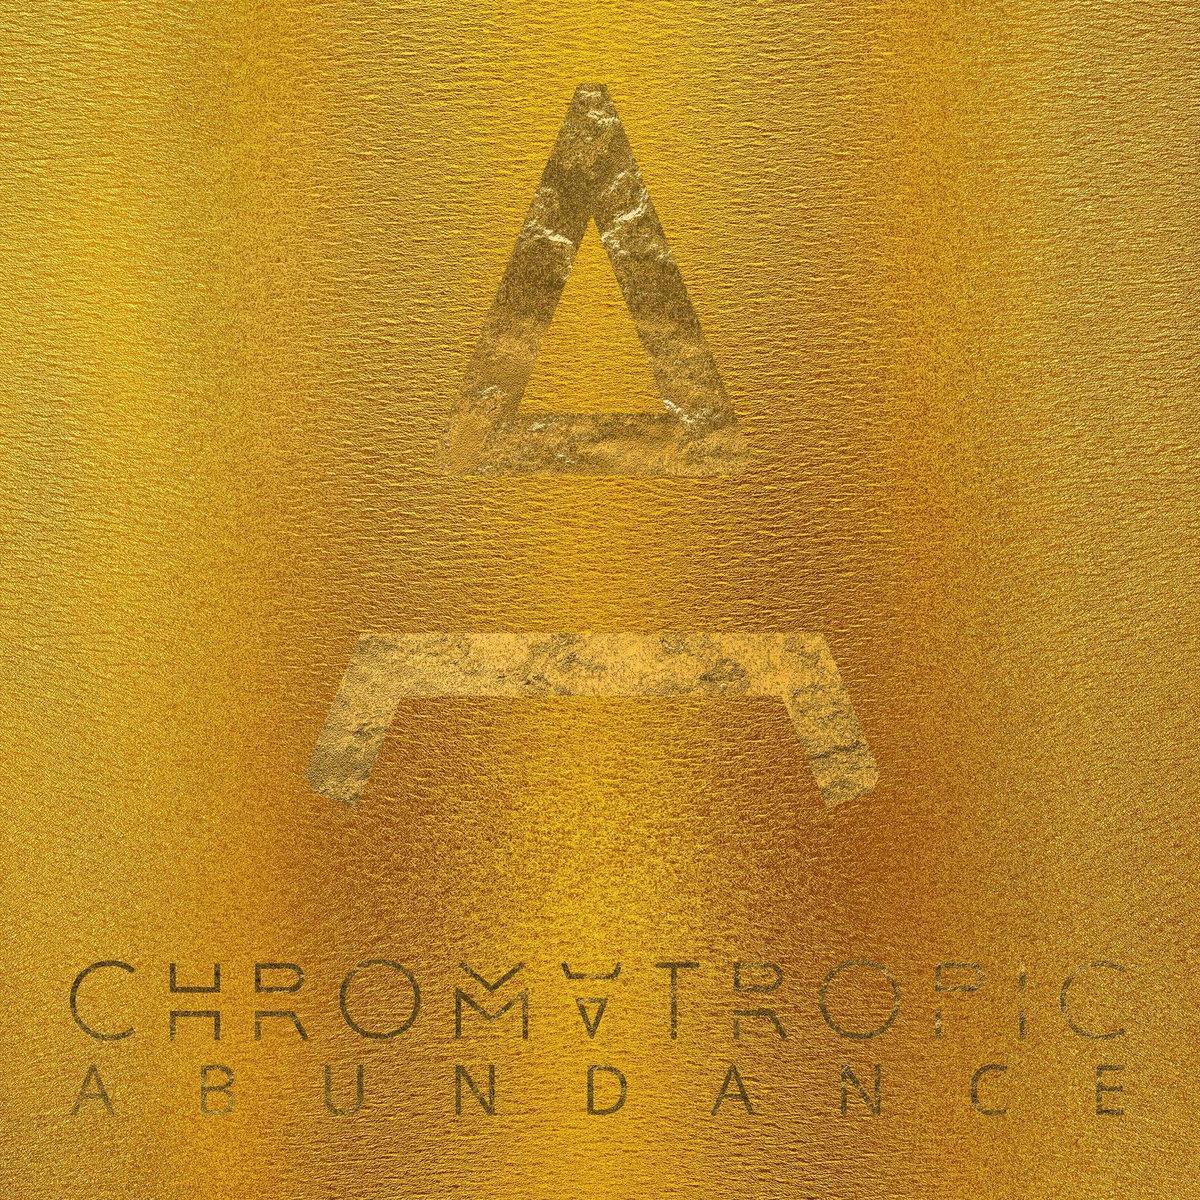 Chromatropic – Abundance